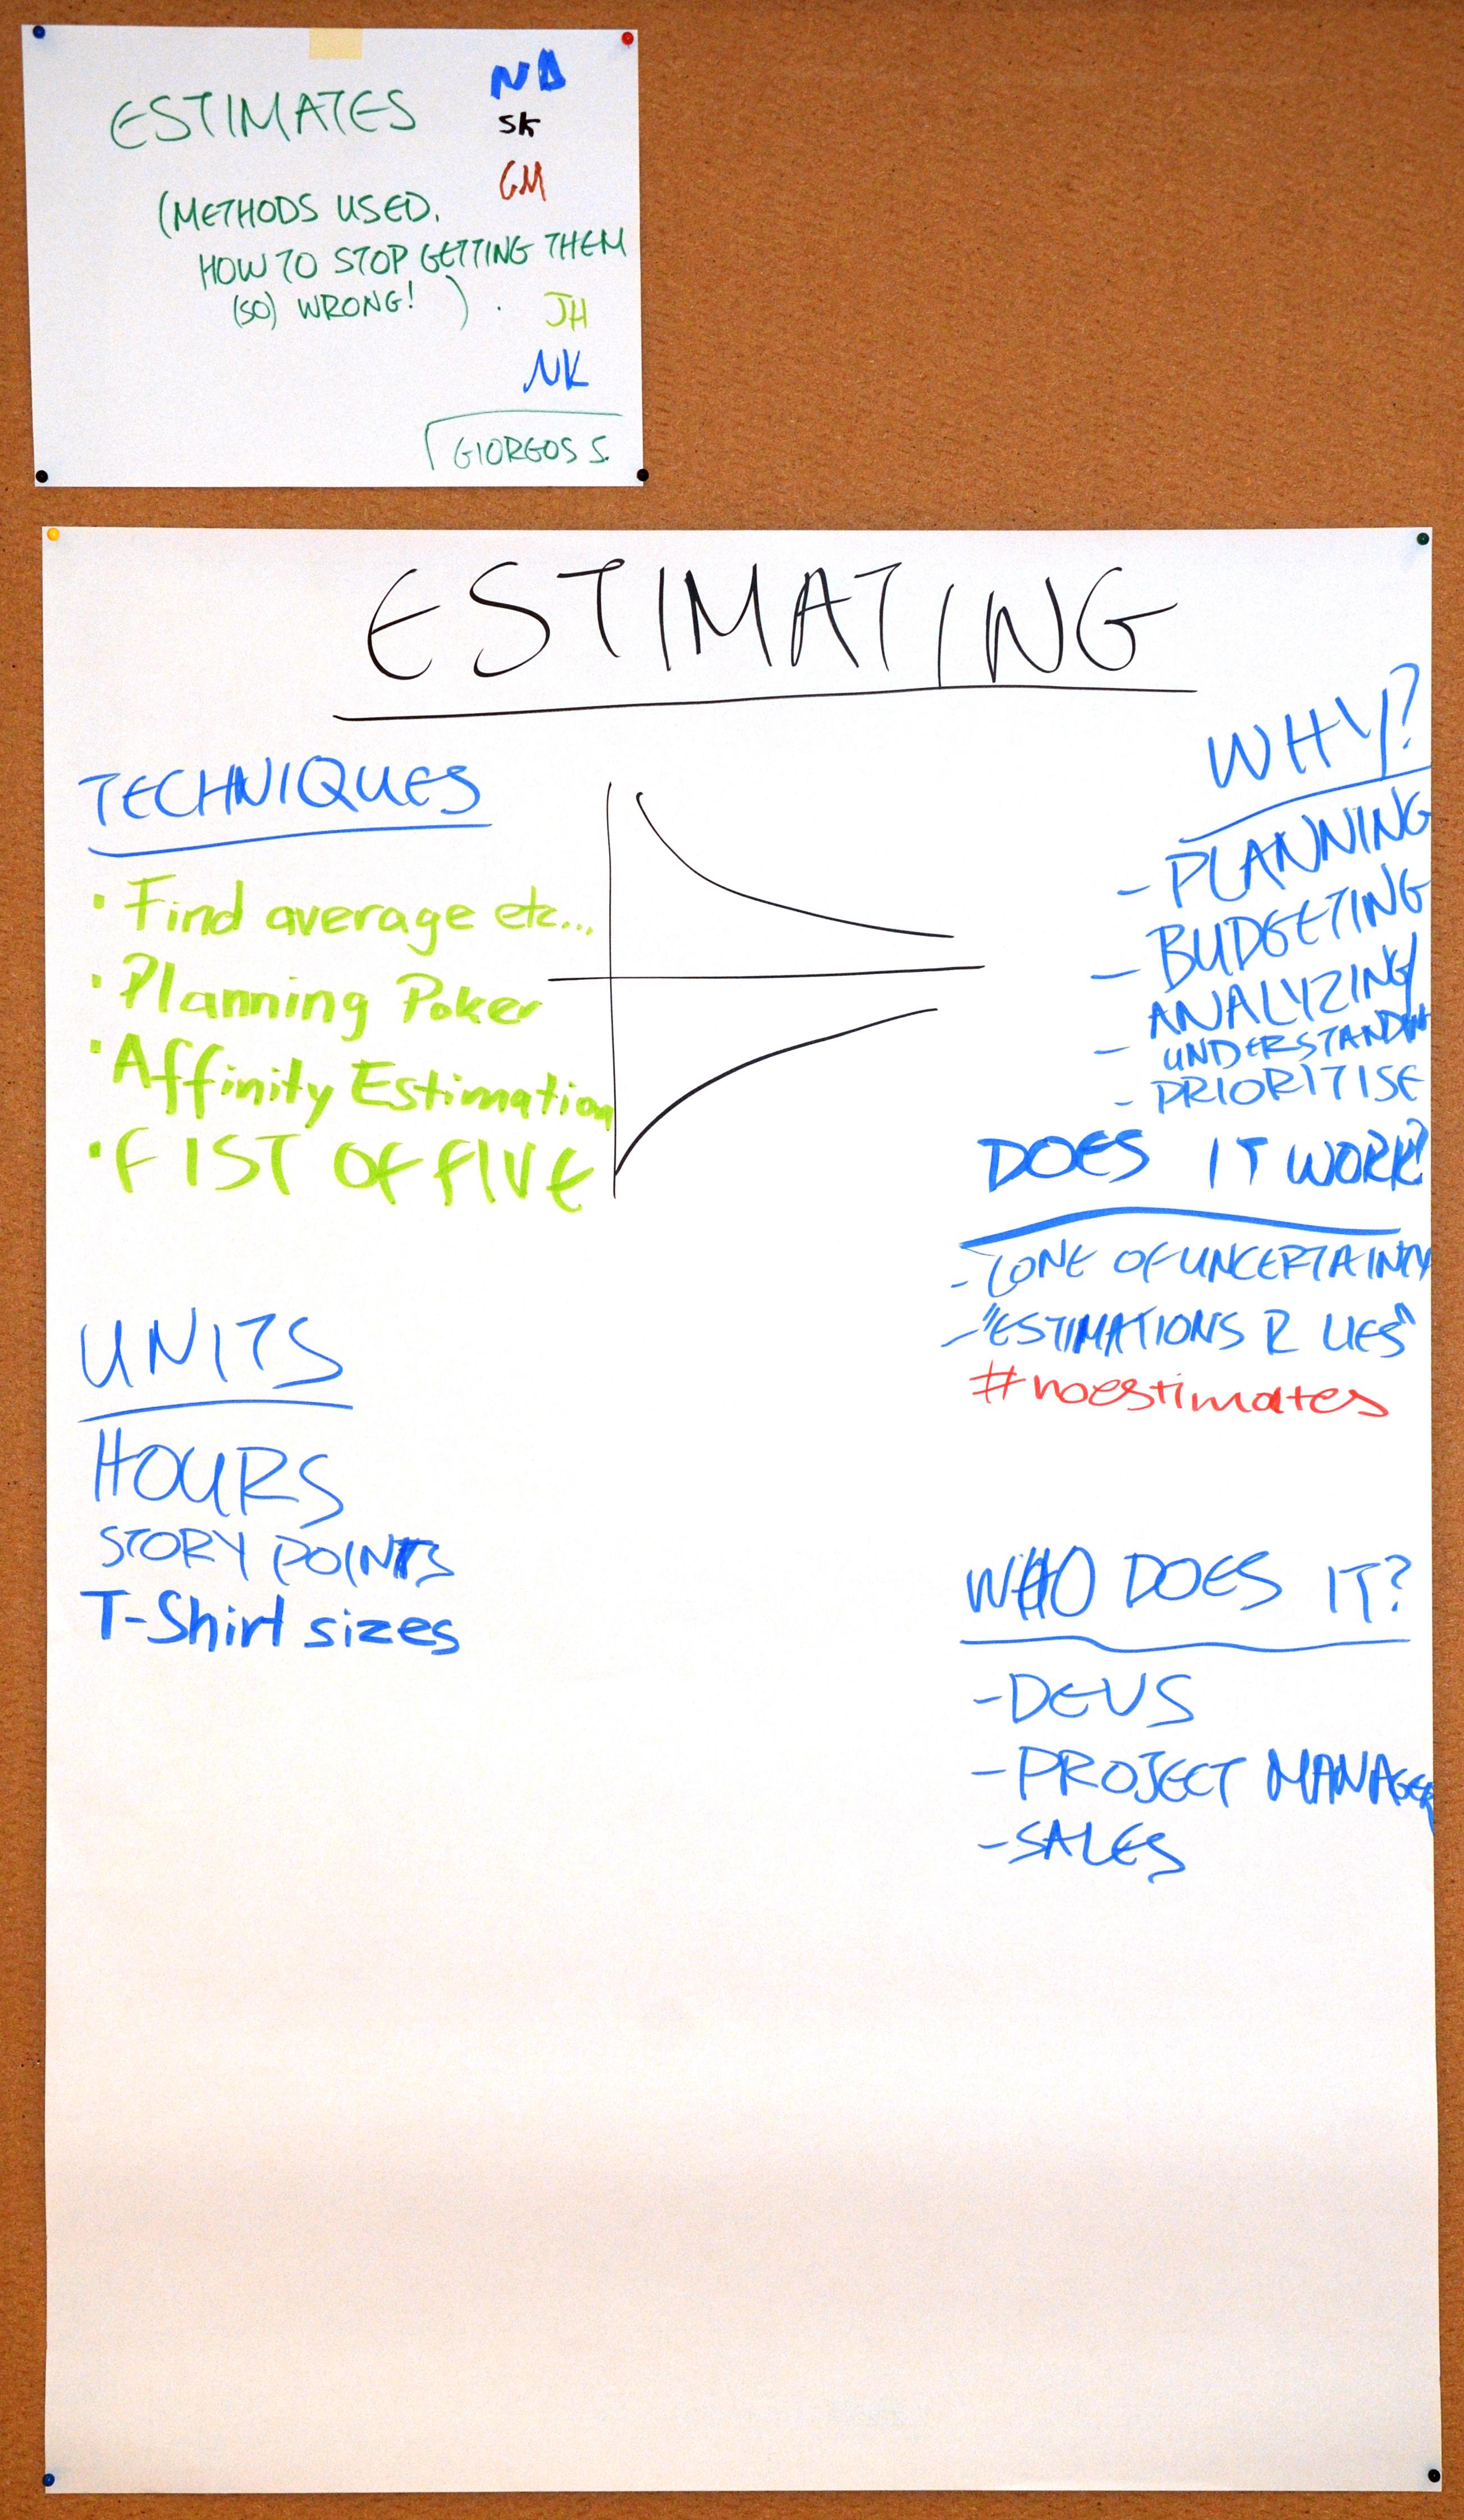 Harvest - Estimates